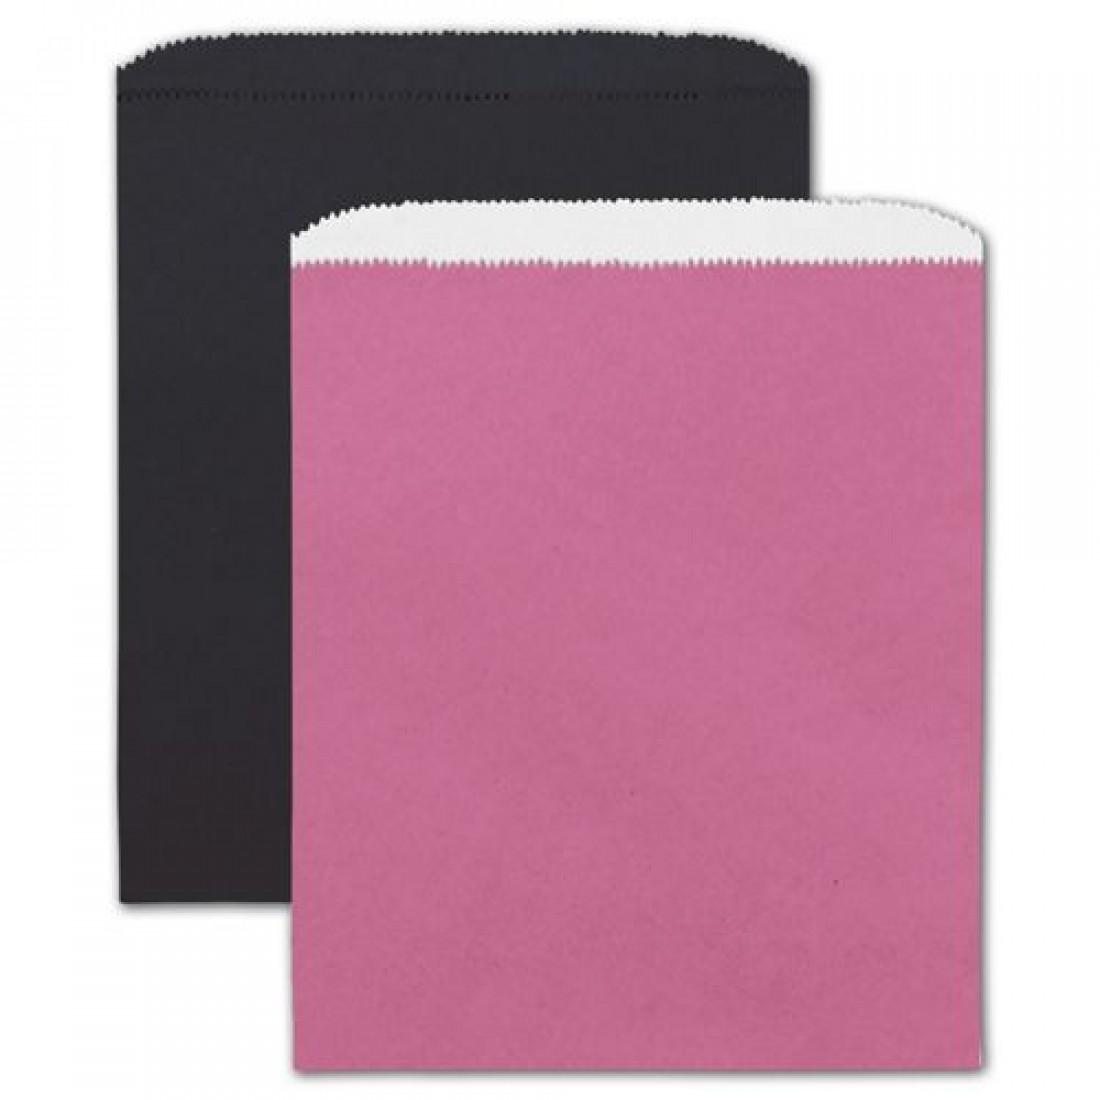 Color Papr Merch Bag 8.25x11